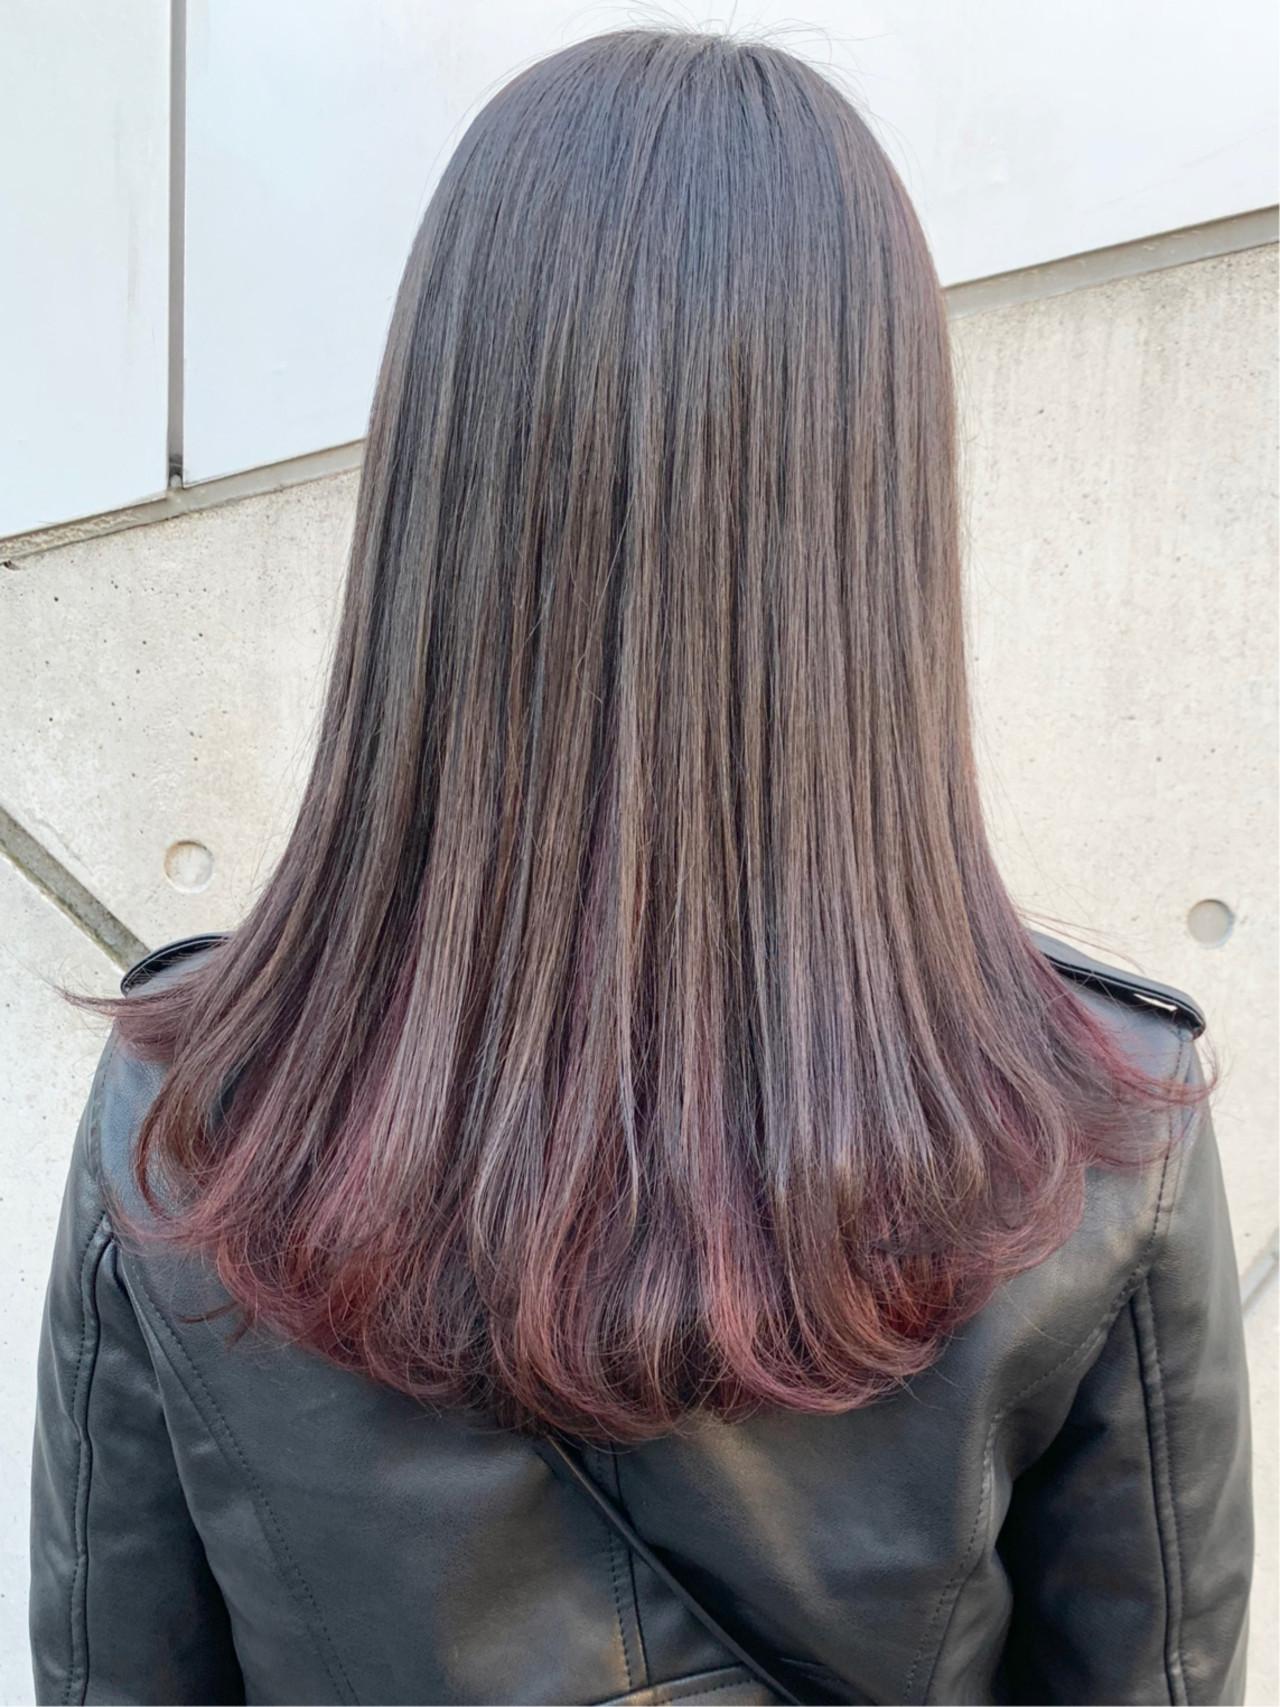 インナーカラー コーラル ストリート ピンク ヘアスタイルや髪型の写真・画像